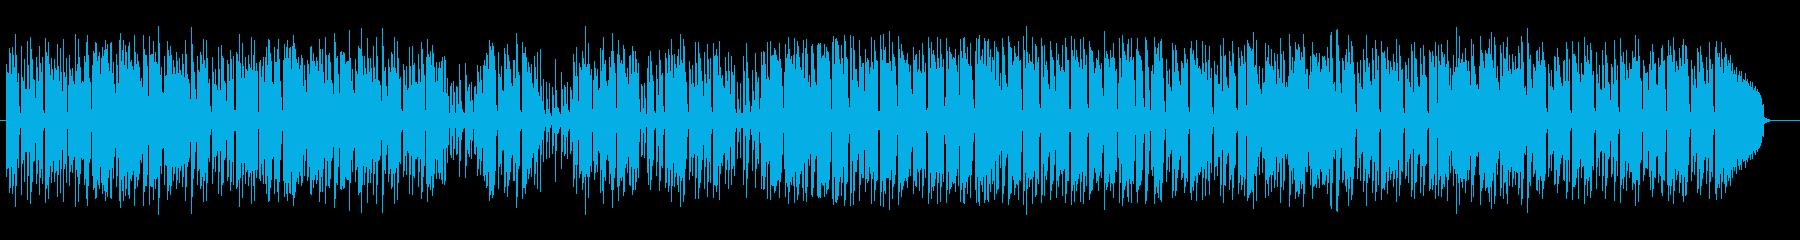 落ち着いた明るさのあるミュージックの再生済みの波形